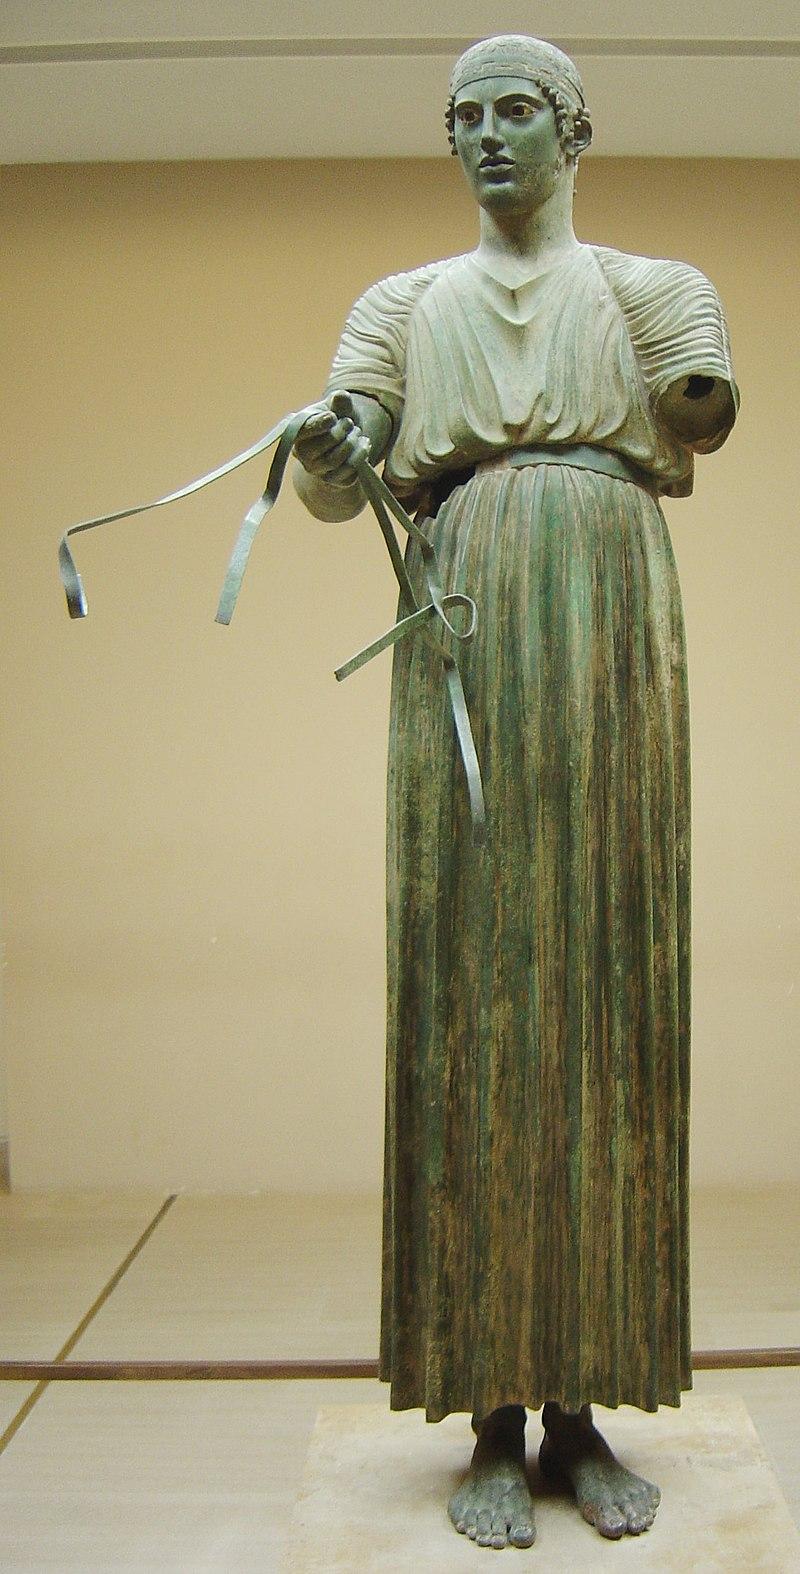 La expresión noble y el gesto orgulloso del Auriga de Delfos indican el respeto que imponían los héroes deportivos en la sociedad griega